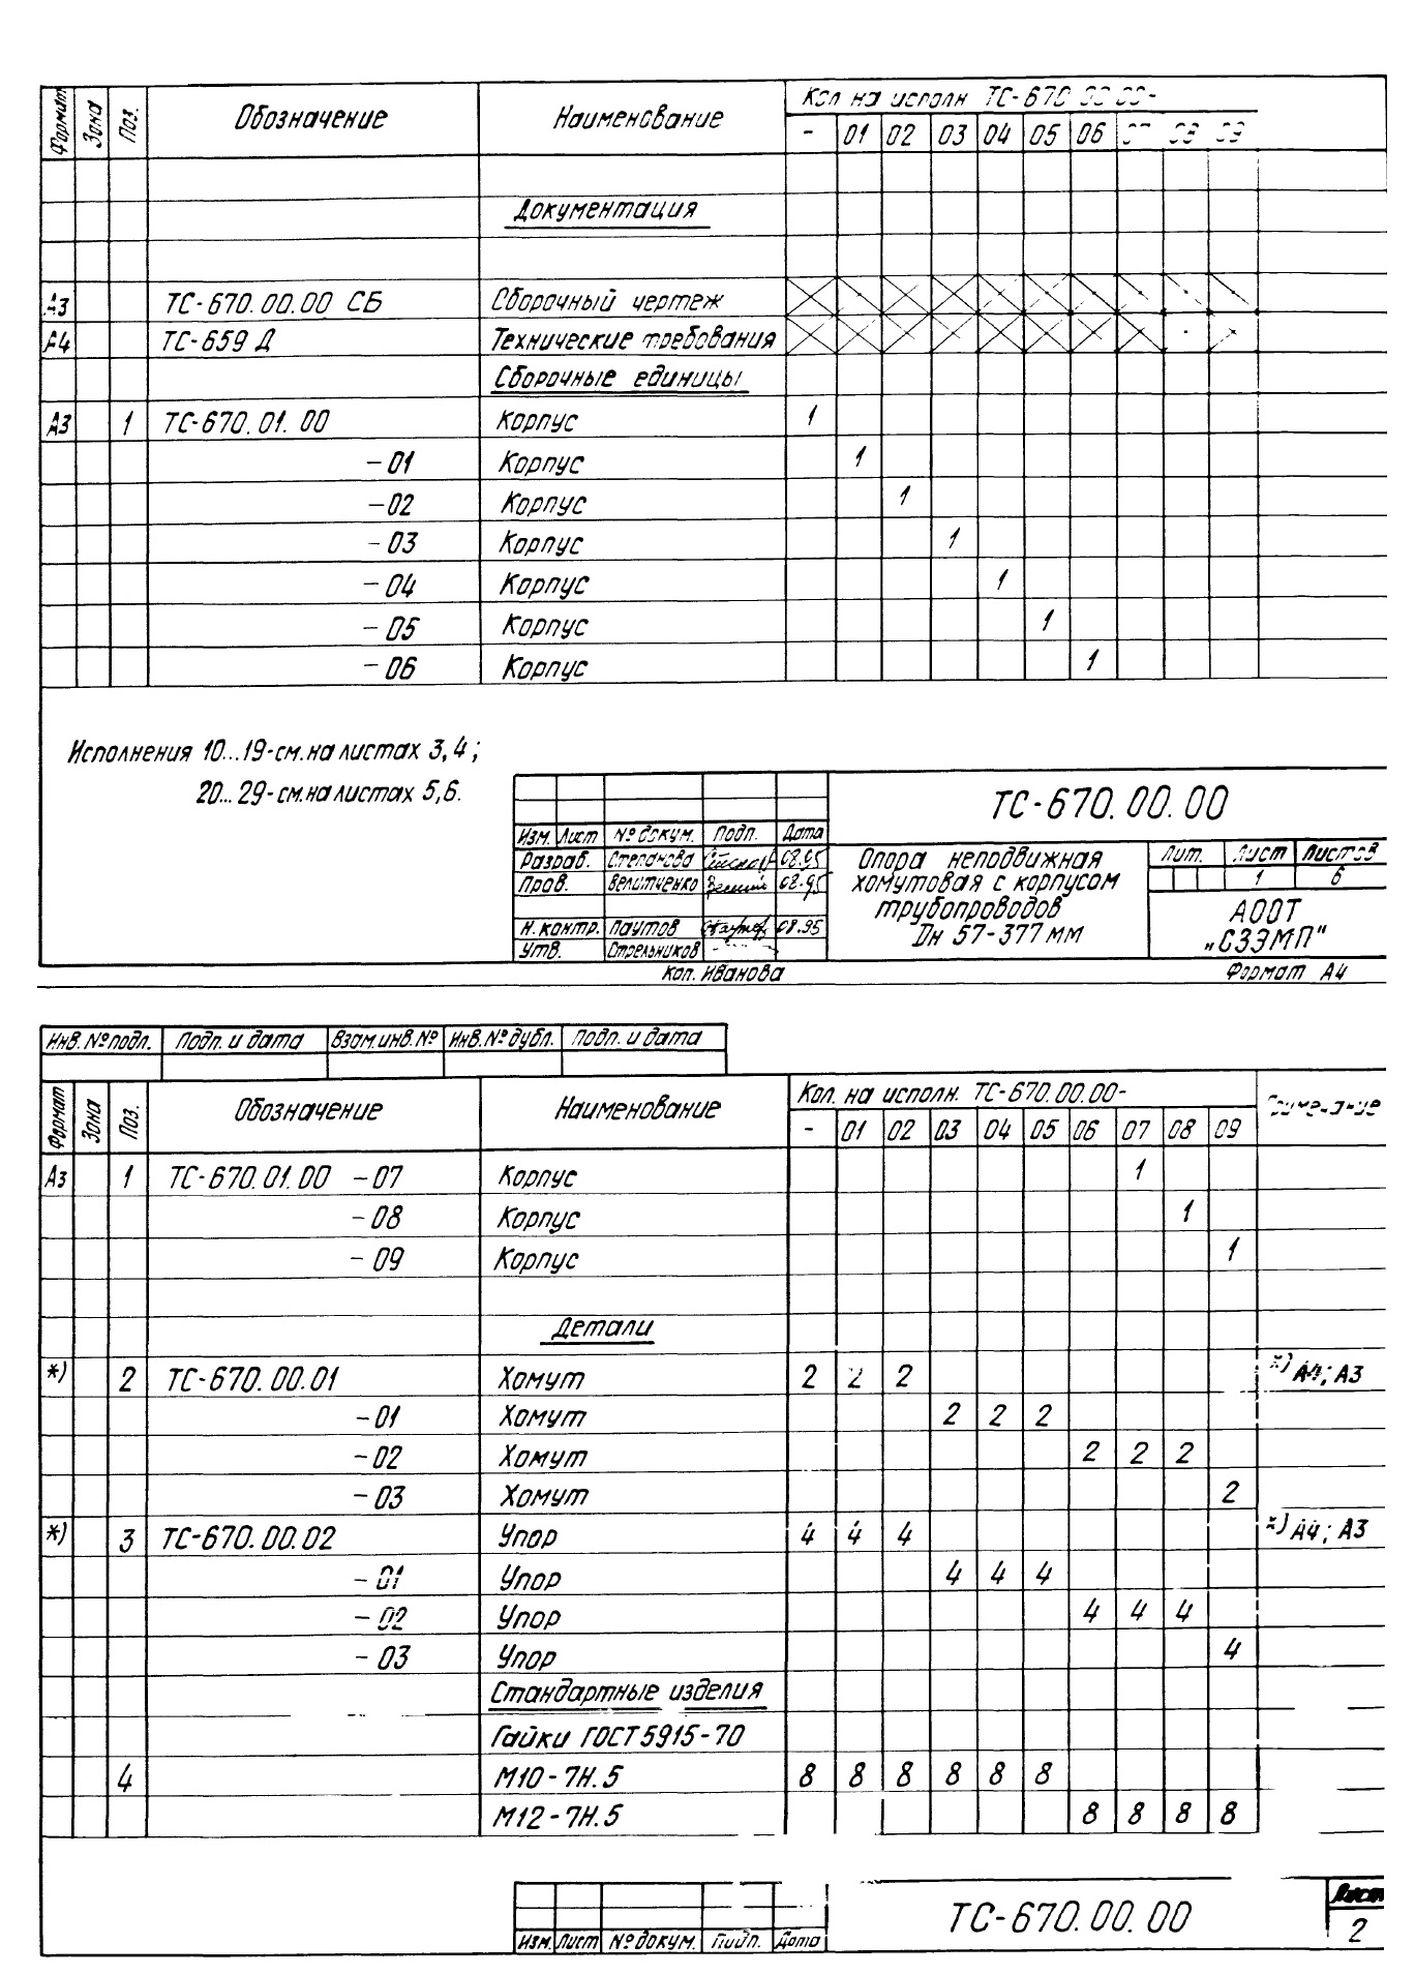 Опора неподвижная хомутовая с корпусом ТС-670.00.00 серия 5.903-13 выпуск 7-95 стр.3